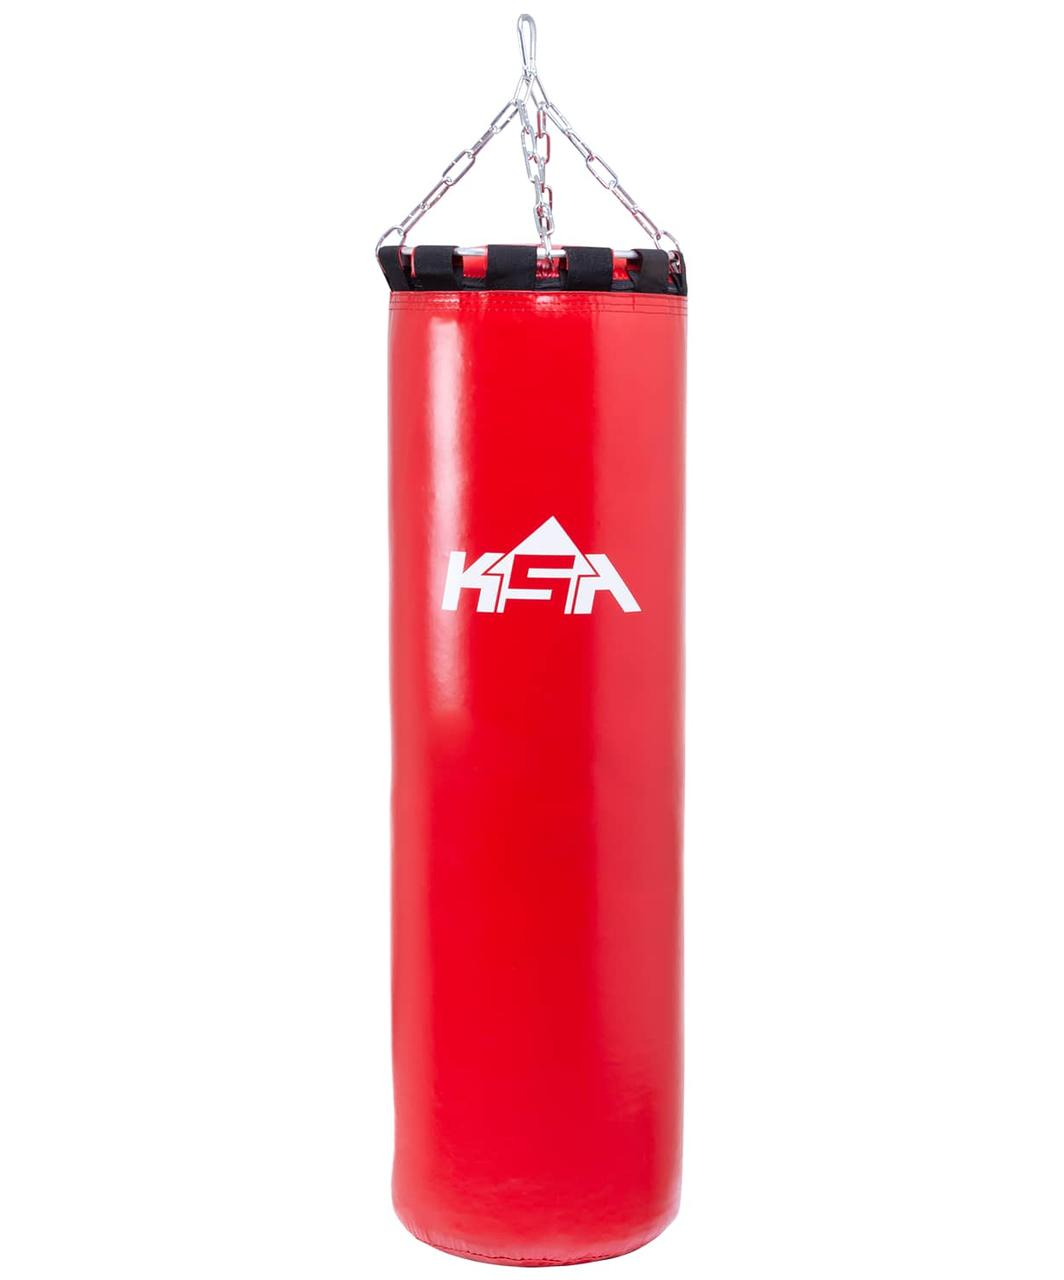 Мешок боксерский PB-01, 70 см, 25 кг, тент, красный KSA